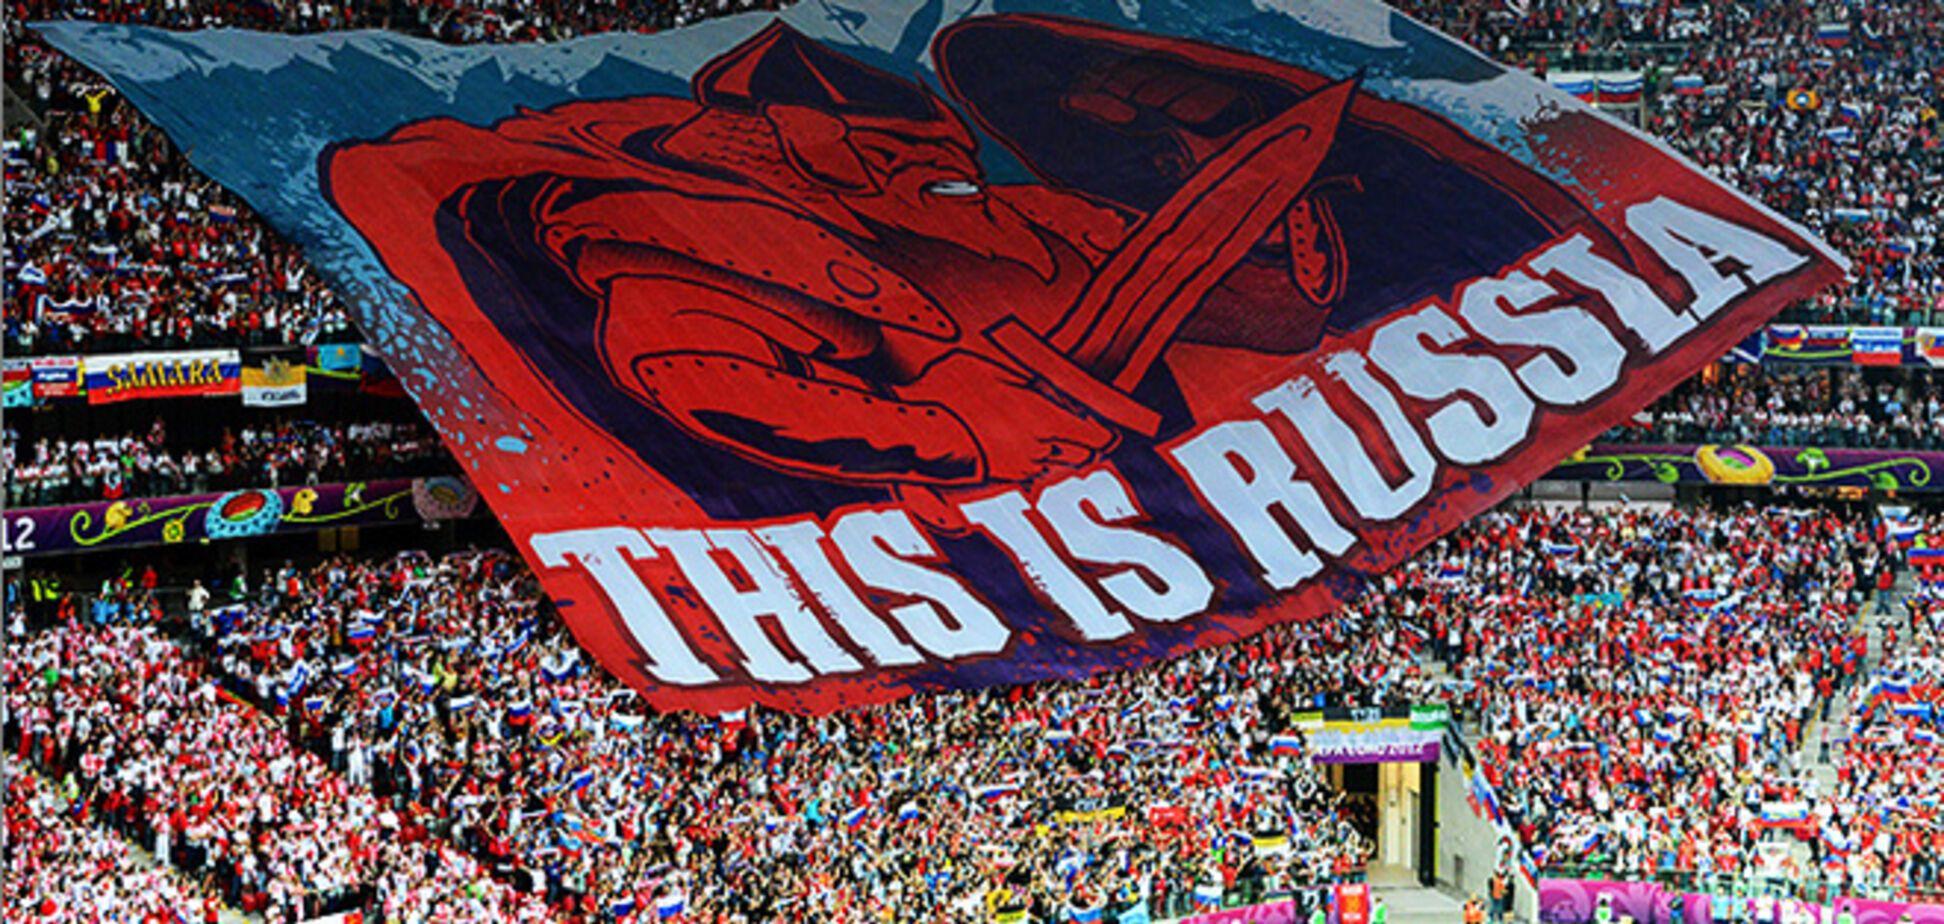 Ти ж мене підманула. 5 причин болеть против сборной России